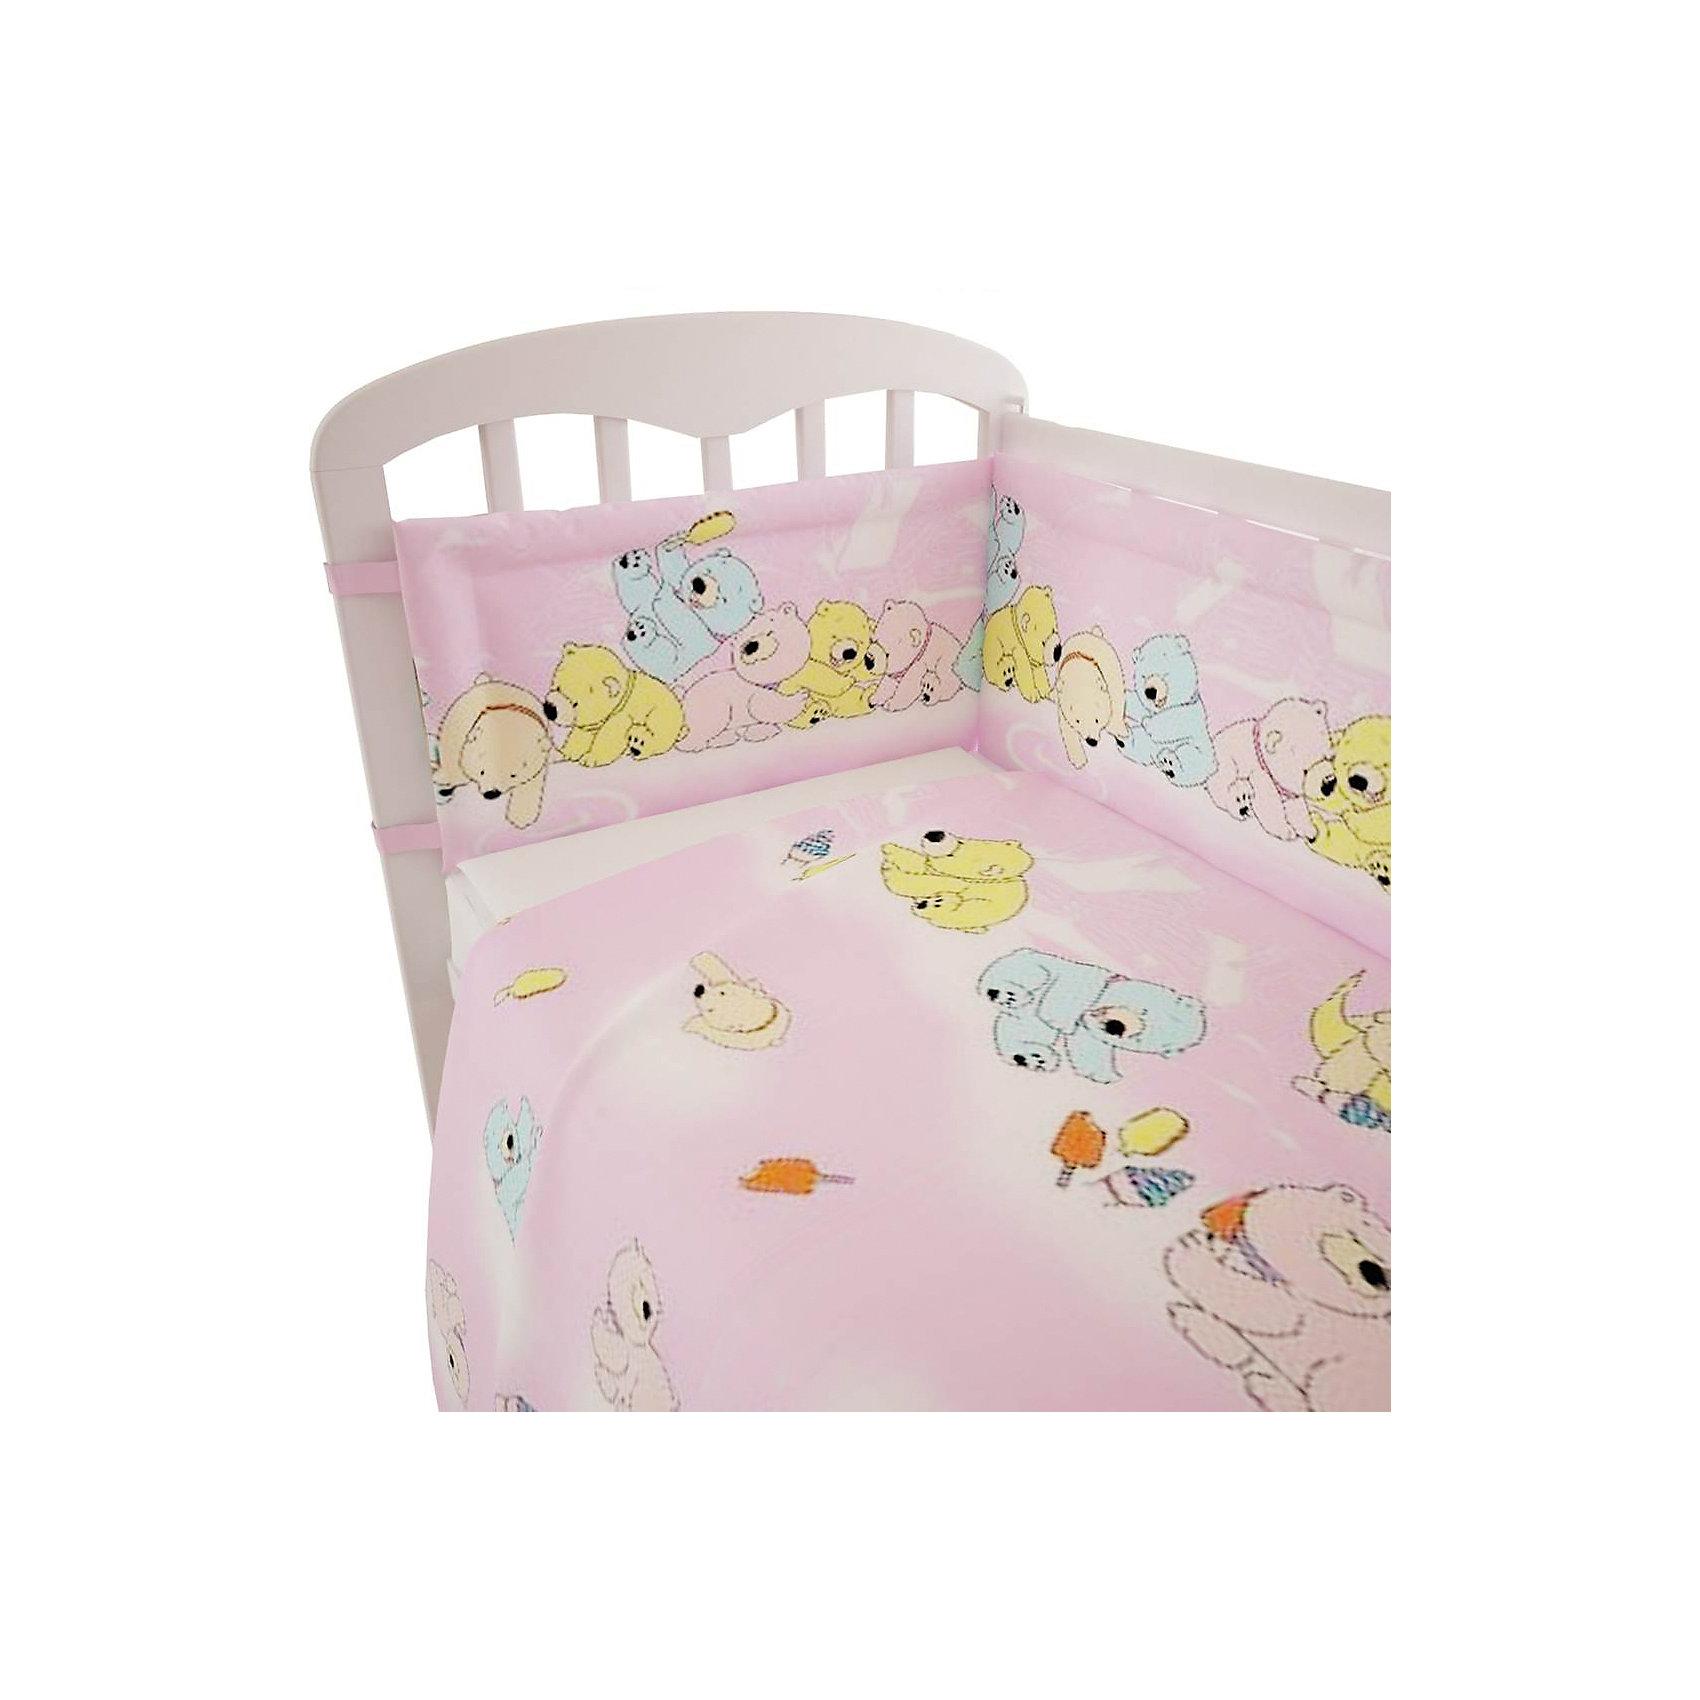 Постельное белье Мишки 3 пред., Фея, розовыйХорошее постельное белье для детей делается из натуральных материалов. Этот комплект, состоящий  из наволочки, простыни и пододеяльника, сшит из хлопка, гипоаллергенного, приятного на ощупь и позволяющего коже дышать.<br>Все предметы из набора - стандартных размеров, отлично подойдут к обычной подушке, матрасу и одеялу. Комплект украшен принтом с яркими мишками - на нем малышу будет приятно засыпать! Симпатичная расцветка комплекта отлично подойдет к интерьеру детской.<br><br>Дополнительная информация:<br><br>цвет: розовый, принт;<br>материал: 100% хлопок;<br>наволочка: 40х60 см,<br>простыня: 160х100 см,<br>пододеяльник: 110х140 см.<br><br>Постельное белье Мишки 3 пред., торговой марки Фея можно купить в нашем магазине.<br><br>Ширина мм: 570<br>Глубина мм: 410<br>Высота мм: 570<br>Вес г: 510<br>Возраст от месяцев: 0<br>Возраст до месяцев: 36<br>Пол: Женский<br>Возраст: Детский<br>SKU: 4873631